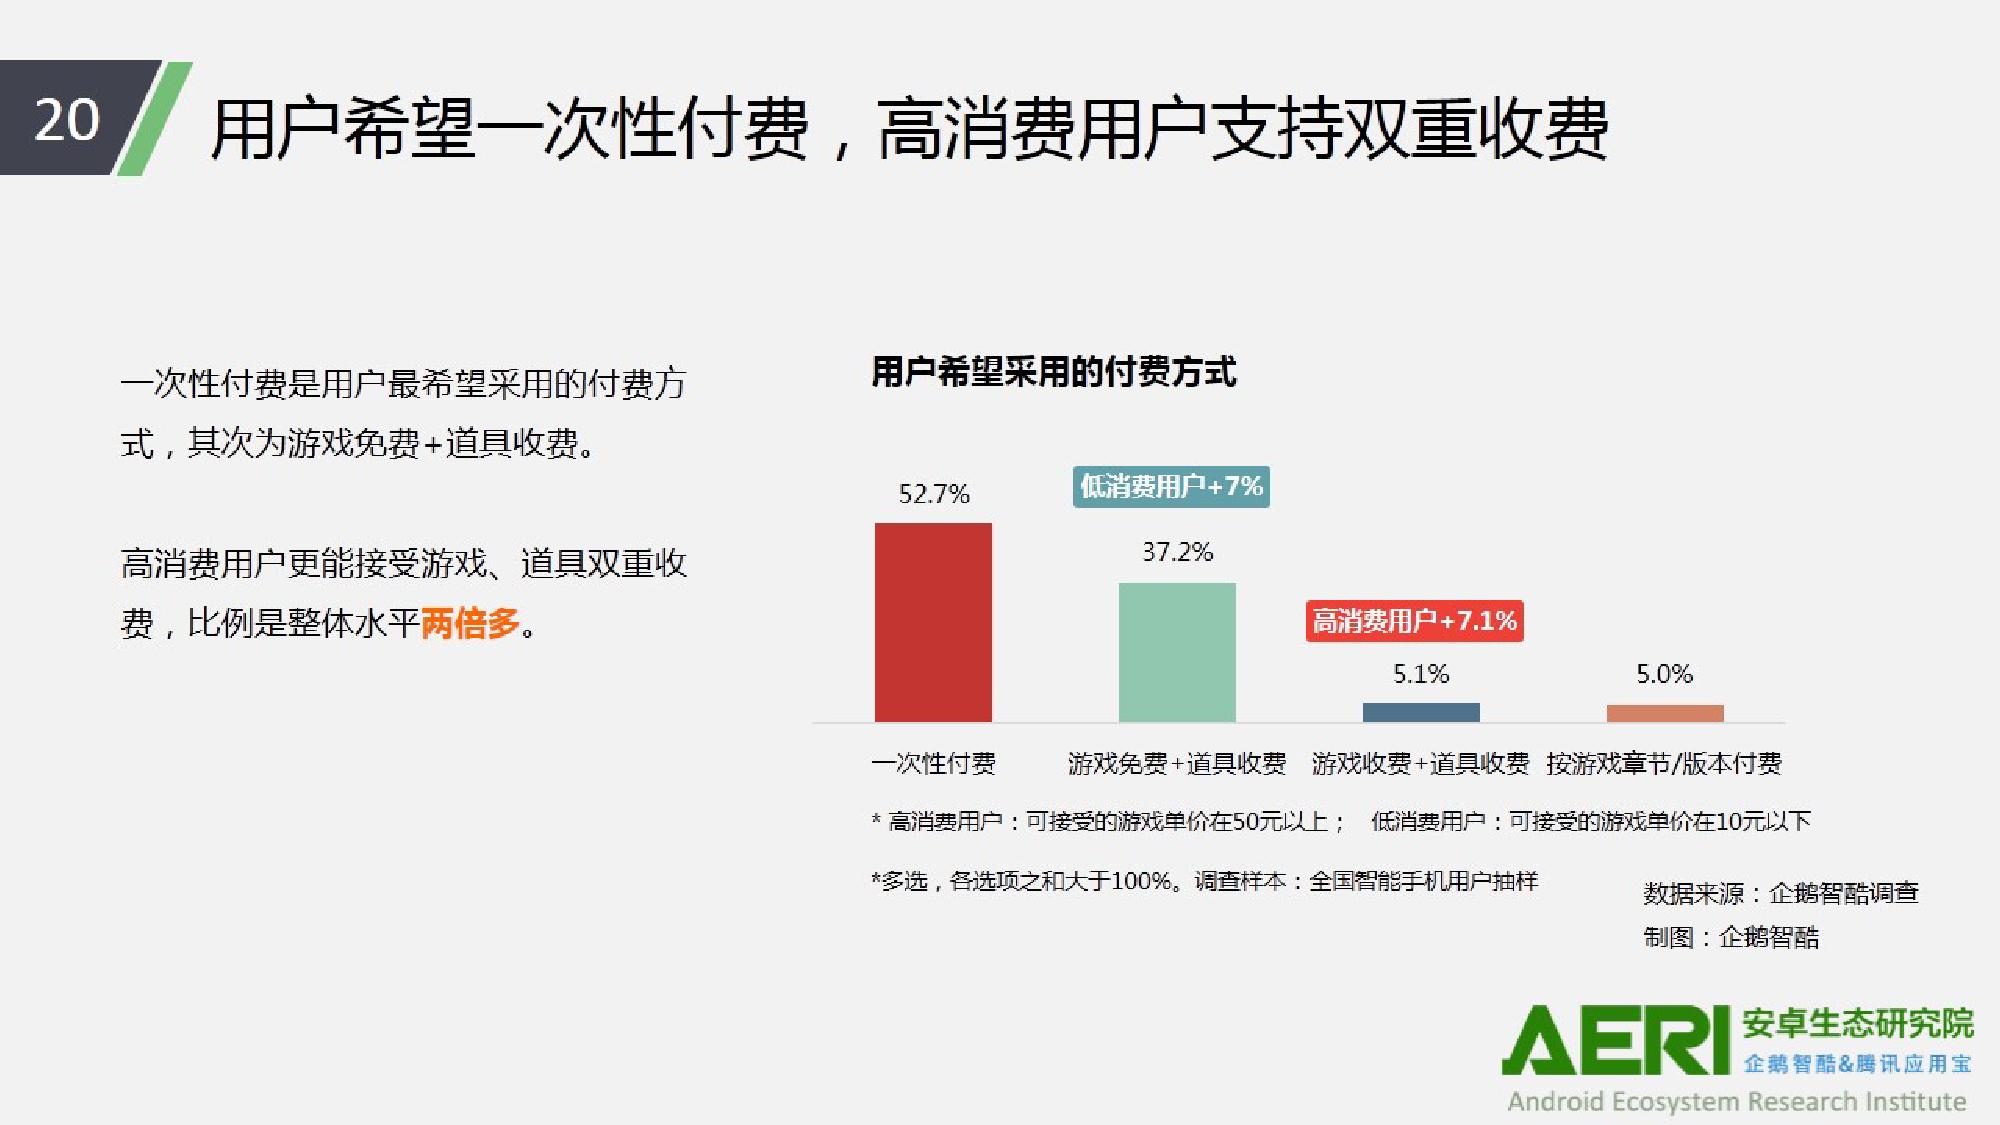 中国手游行业2016大数据报告_000021